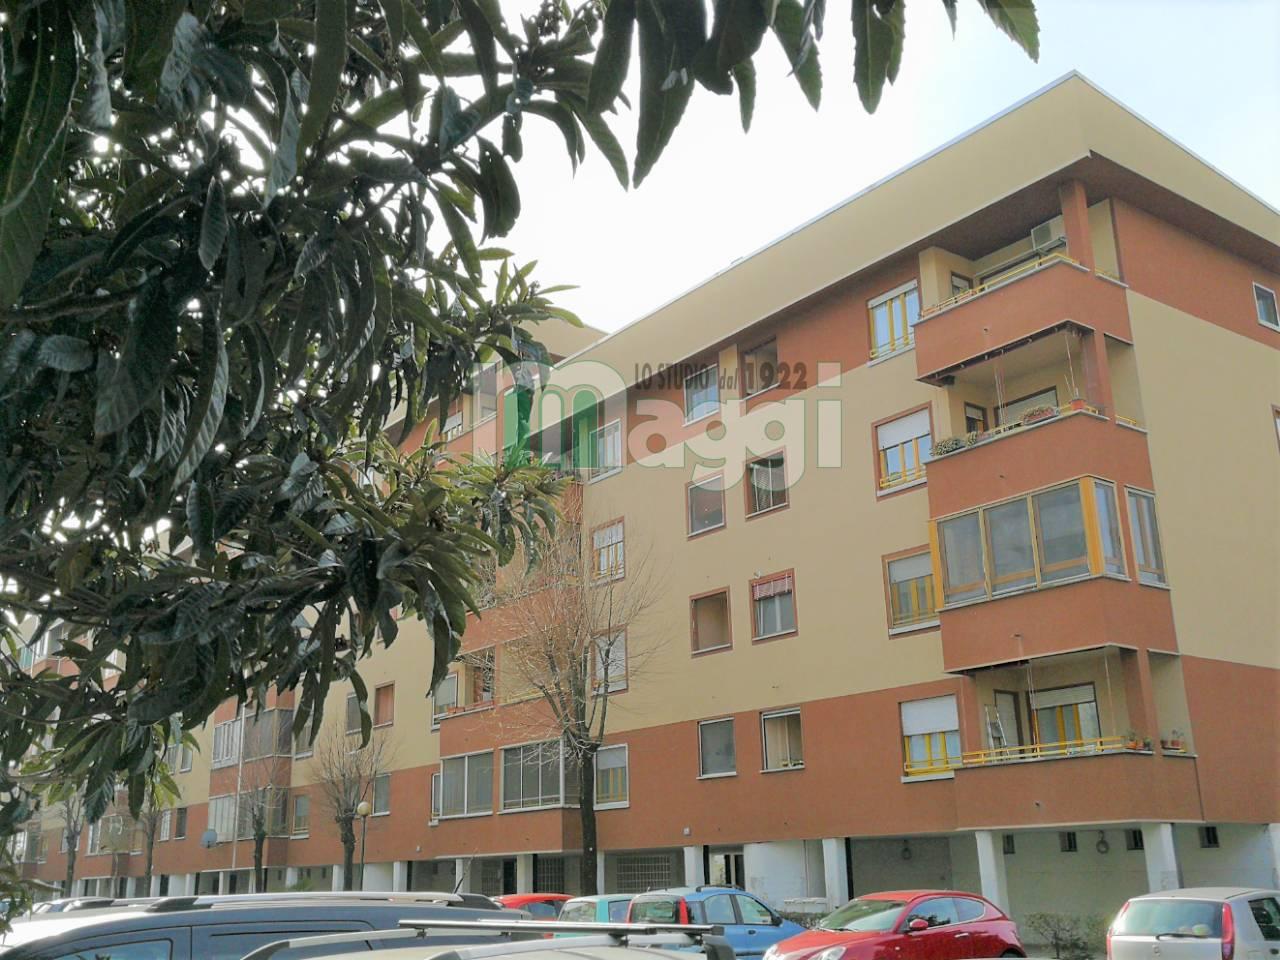 Appartamento in Vendita a Milano 23 Forlanini / Mecenate:  4 locali, 125 mq  - Foto 1